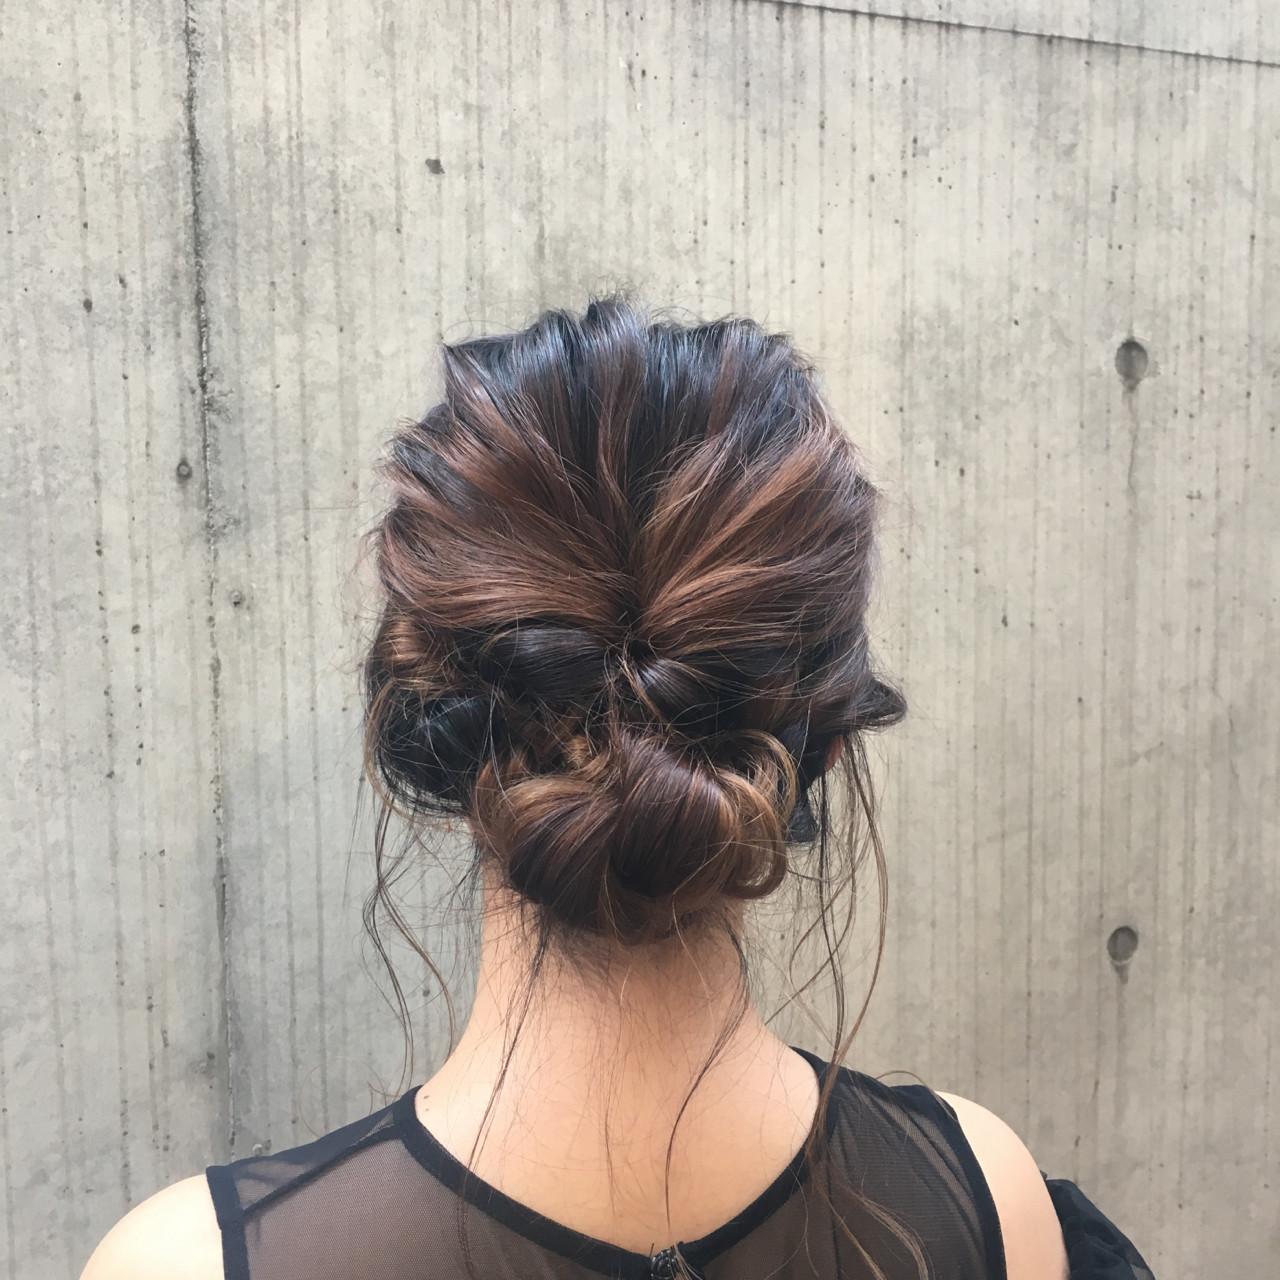 ミディアム パーティ ヘアアレンジ シニヨン ヘアスタイルや髪型の写真・画像